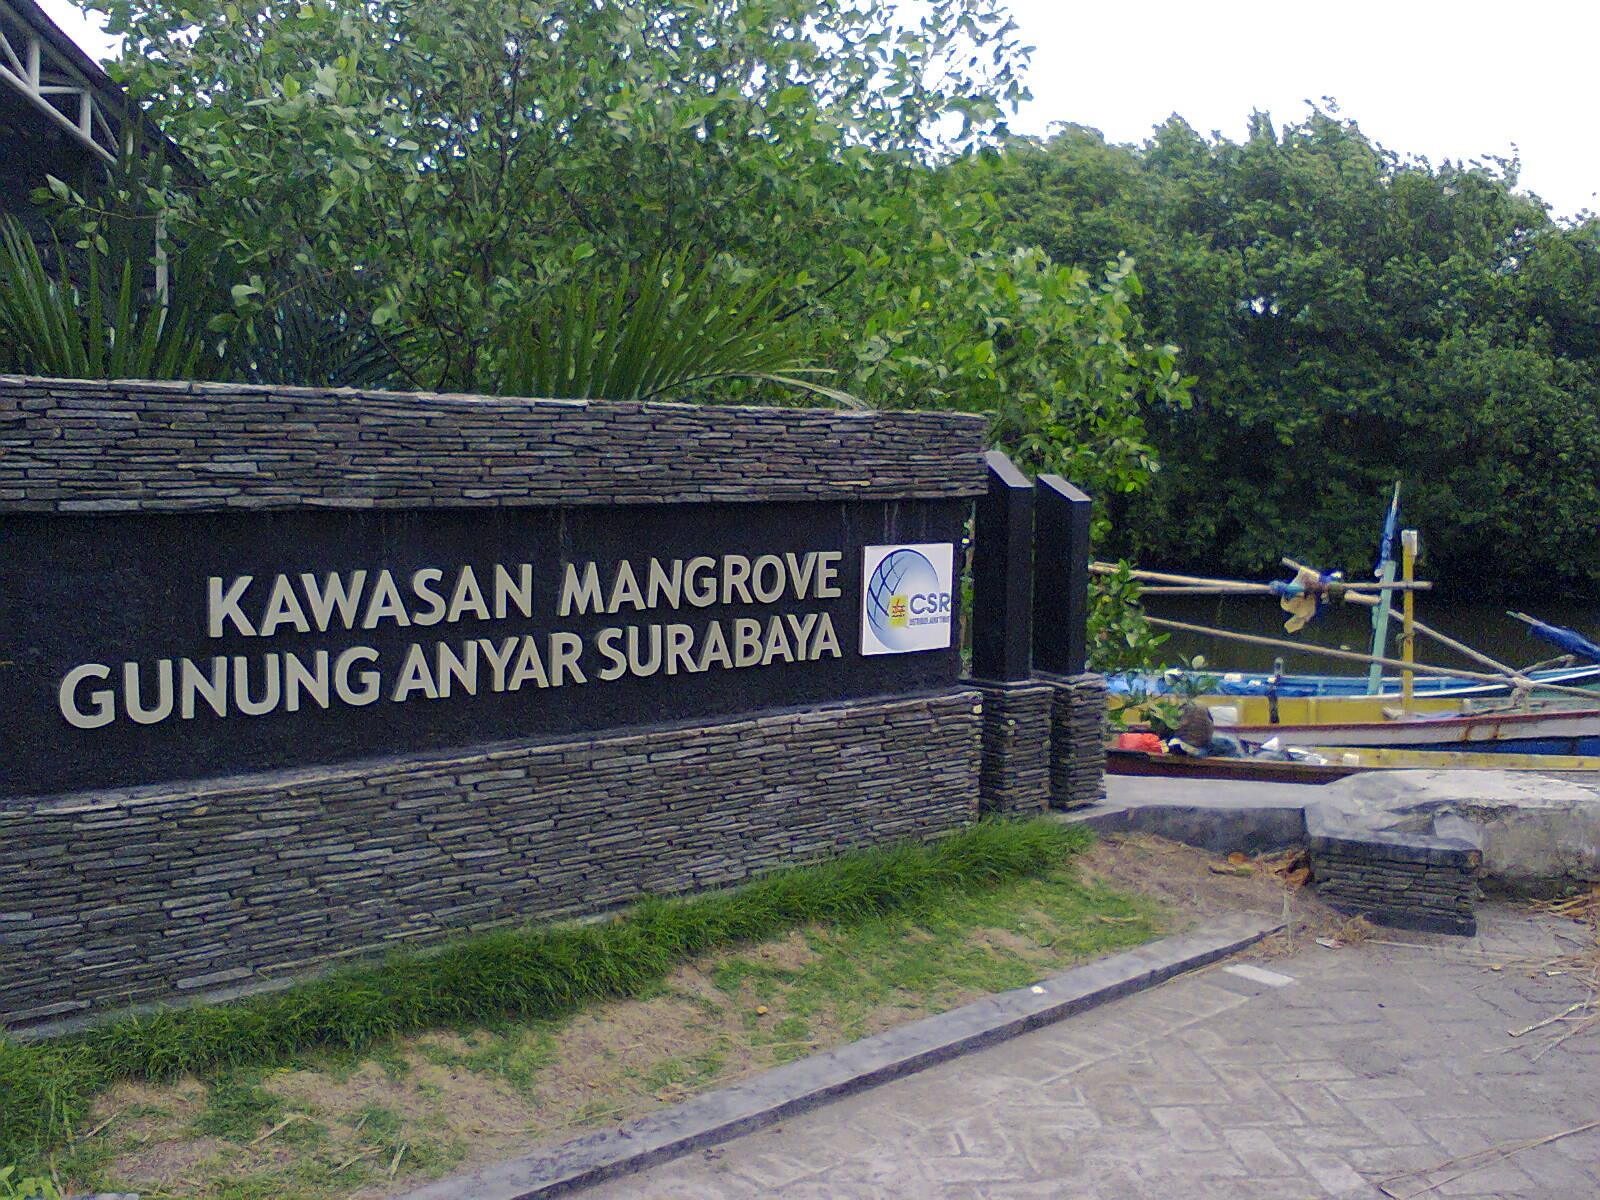 Wisata Hutan Mangrove di Jawa Timur yang Instagram-able